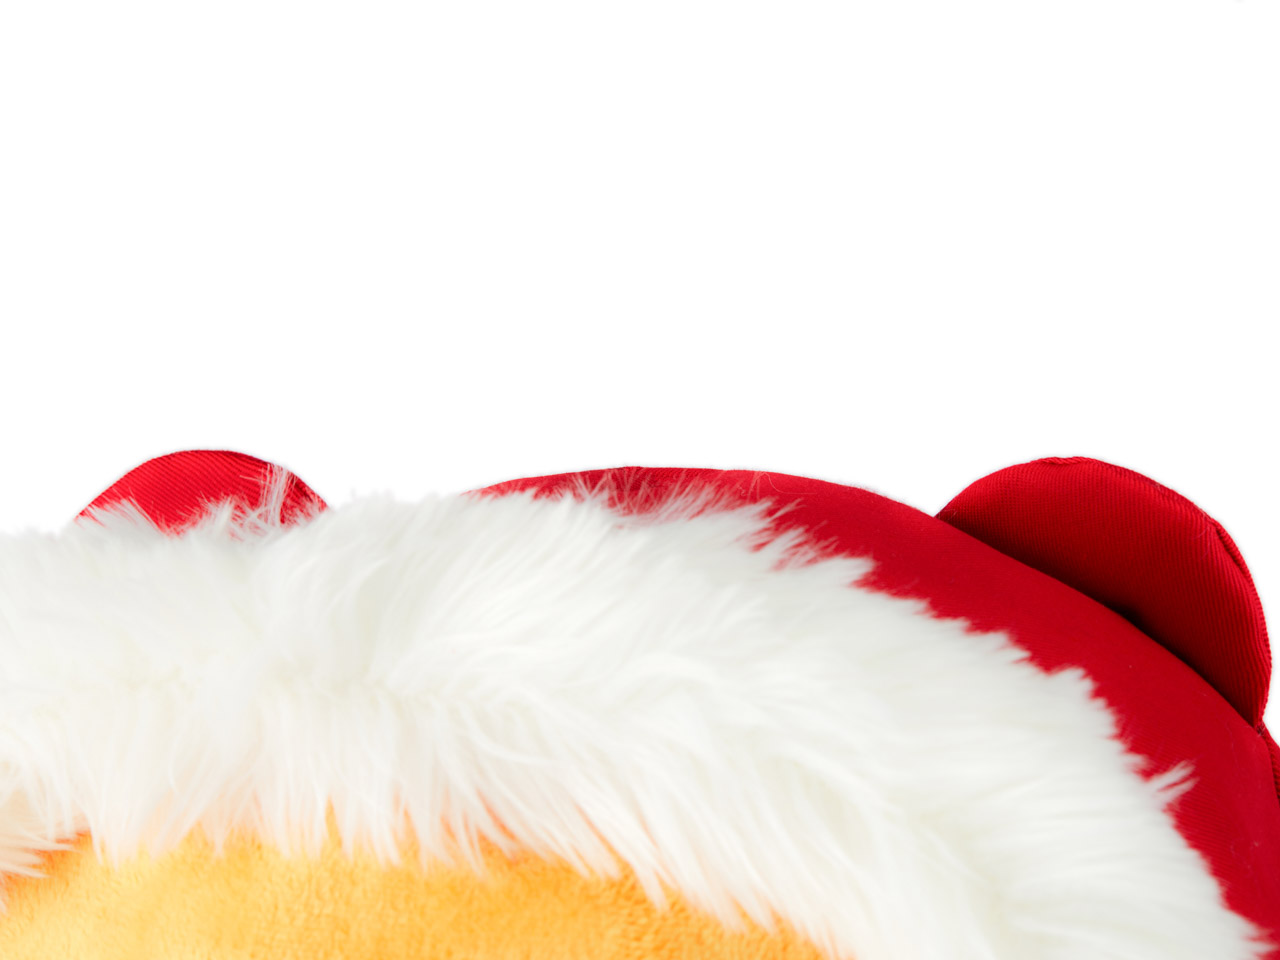 為什麼眼睛會有星星呢?原來是因為Ryan穿了帽子上有一圈毛的羽絨衣~~~